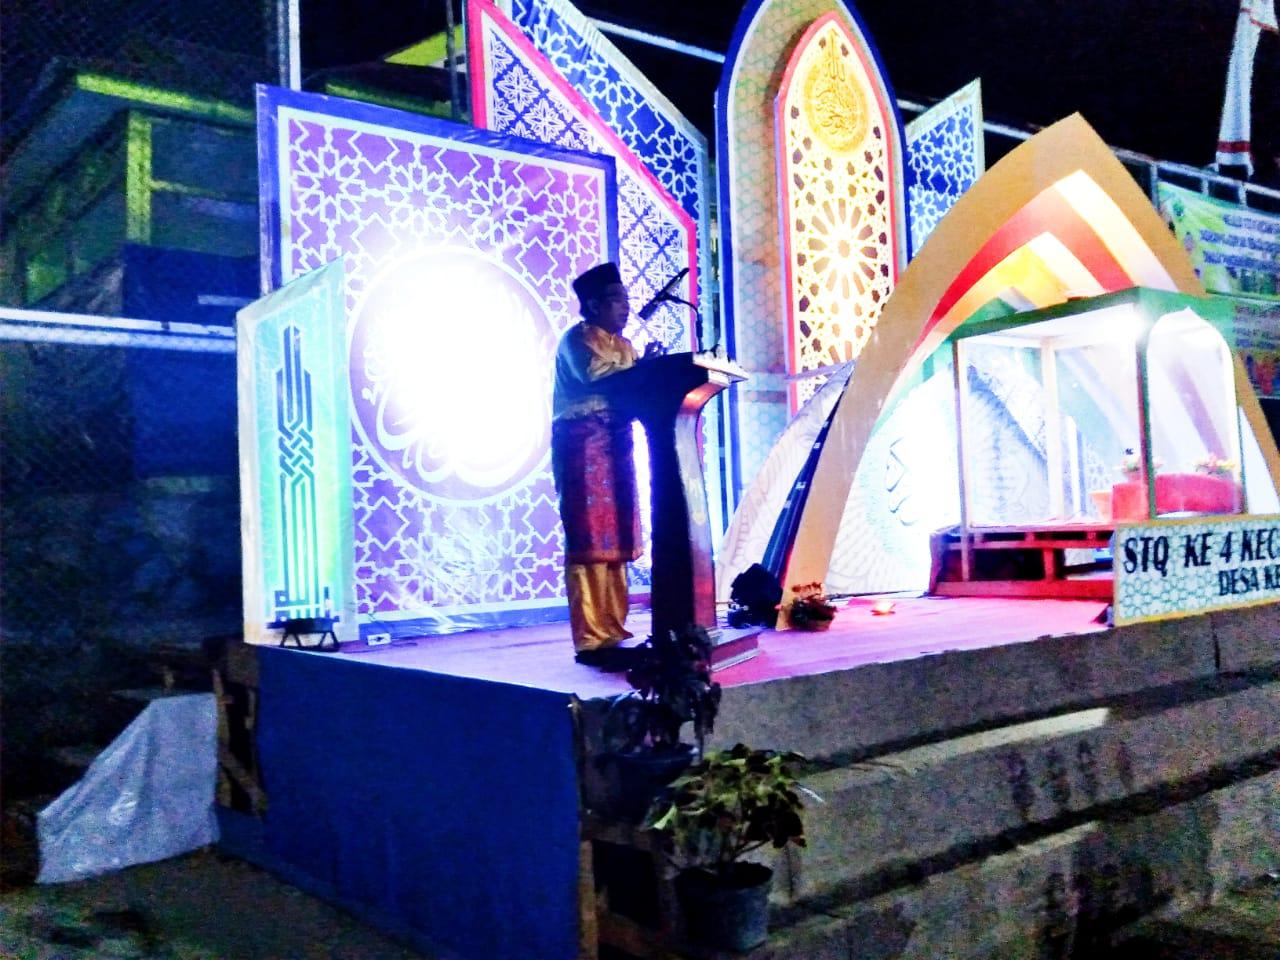 Tutup STQ Ke IV, Camat Lingga Timur Apresiasi Seluruh Desa Ikut Berpartisipasi Sukseskan Ivent Tersebut